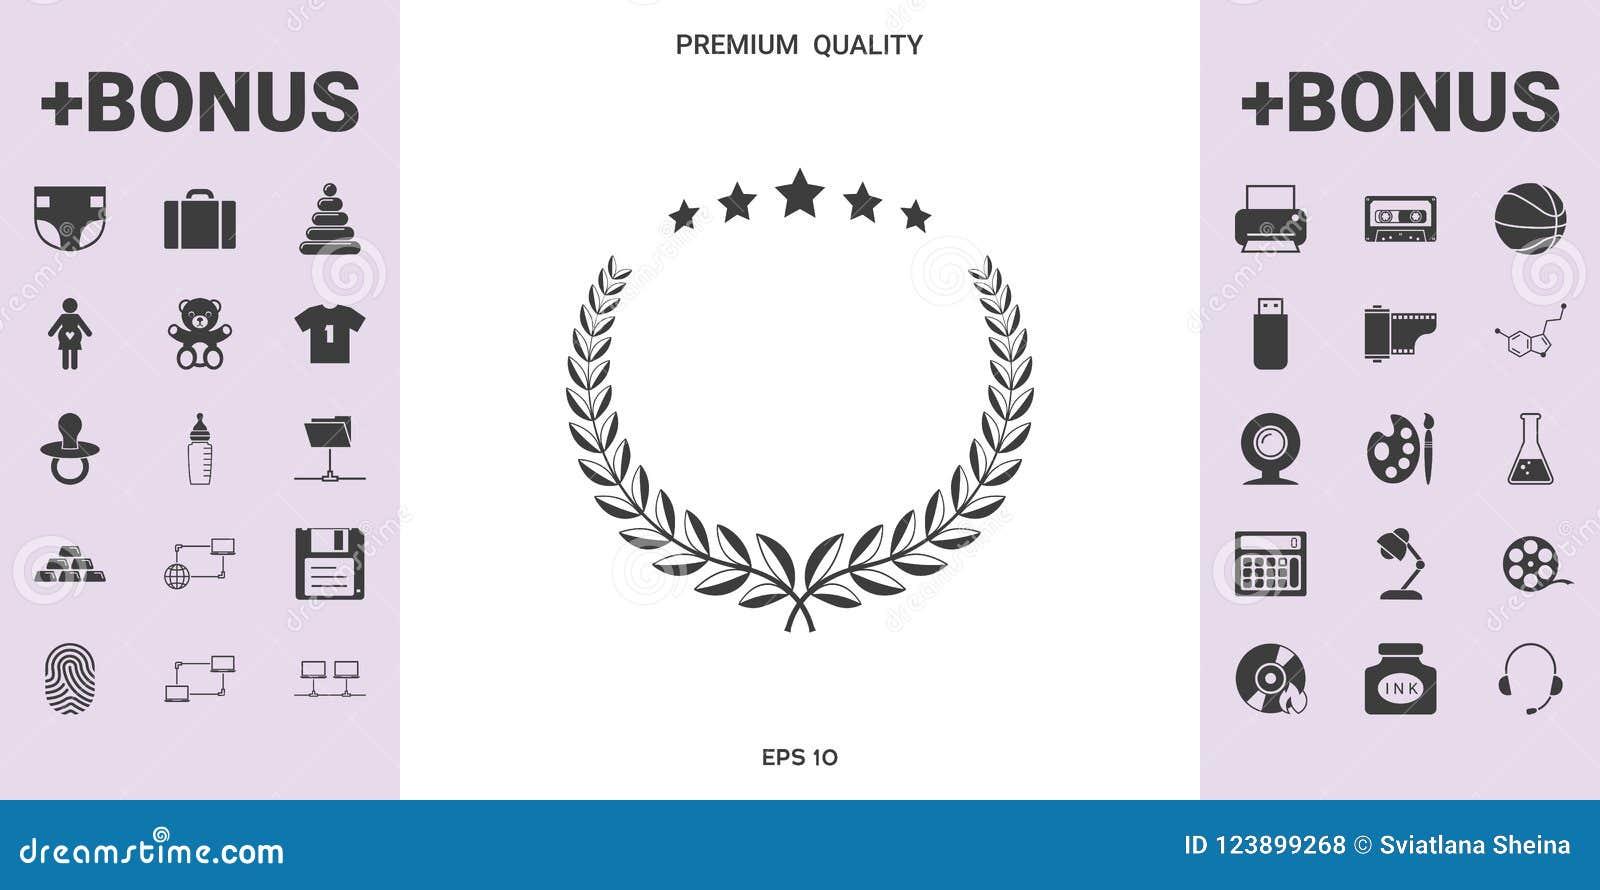 Guirlande de laurier avec cinq étoiles - concevez le symbole